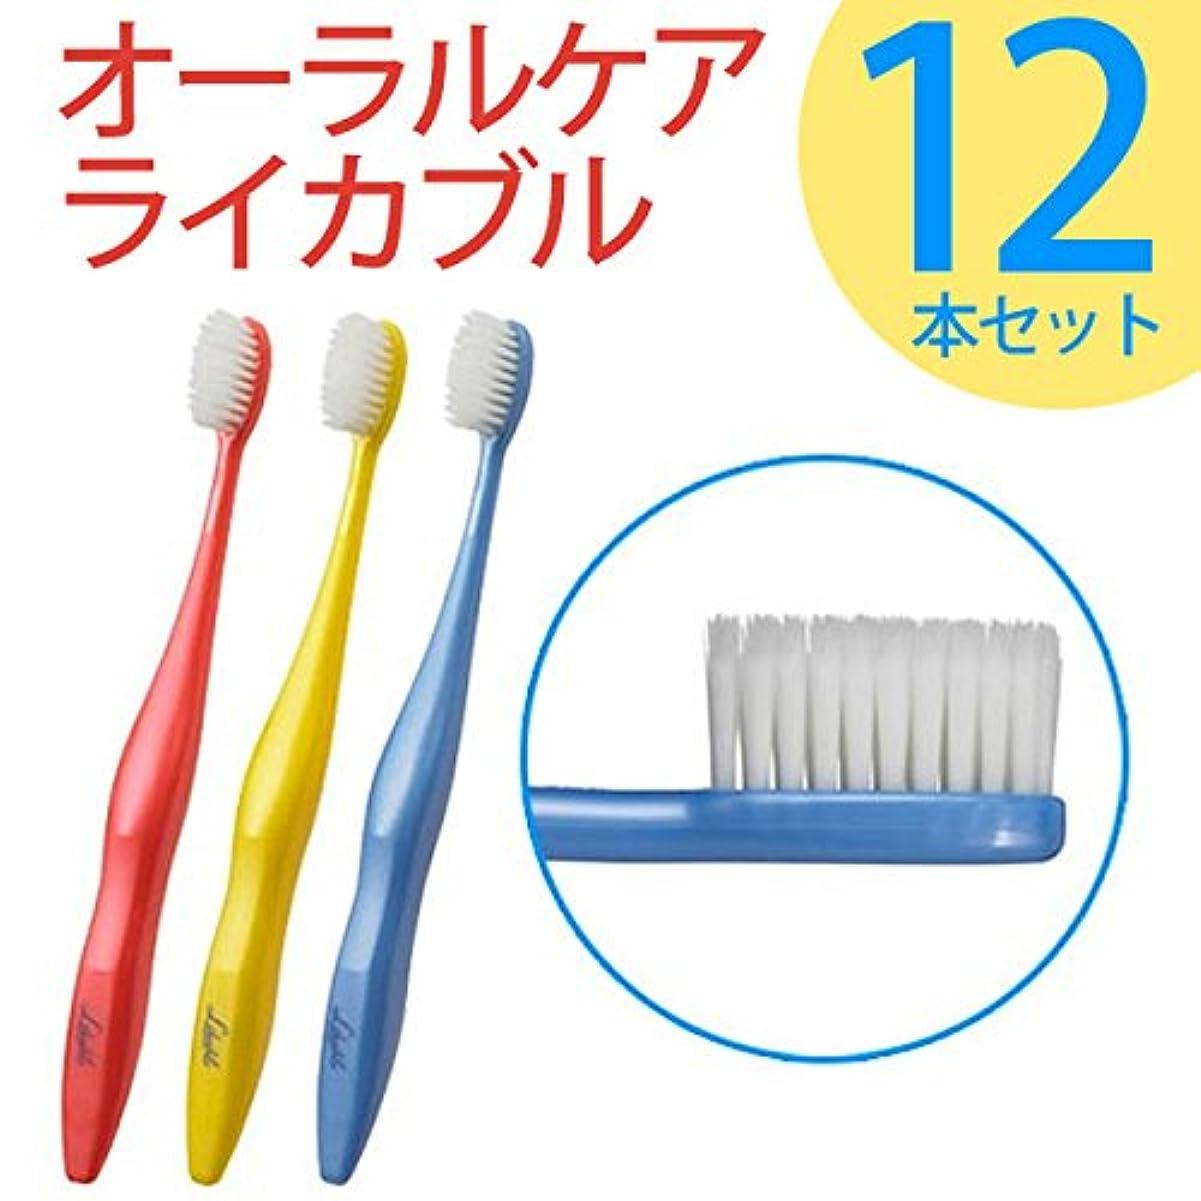 捕虜つまらないスカリーライカブル ライカブル メンテナンス用 歯ブラシ 12本セット